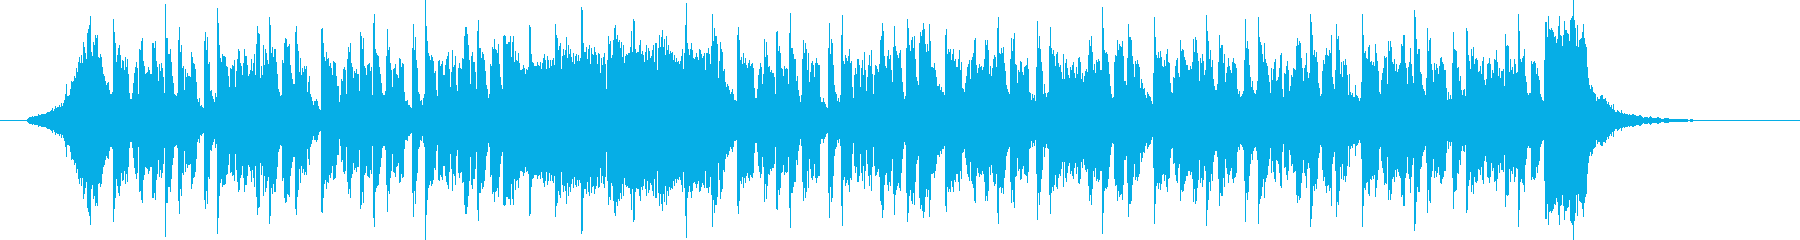 グルーヴィでクールなテクノミュージックの再生済みの波形